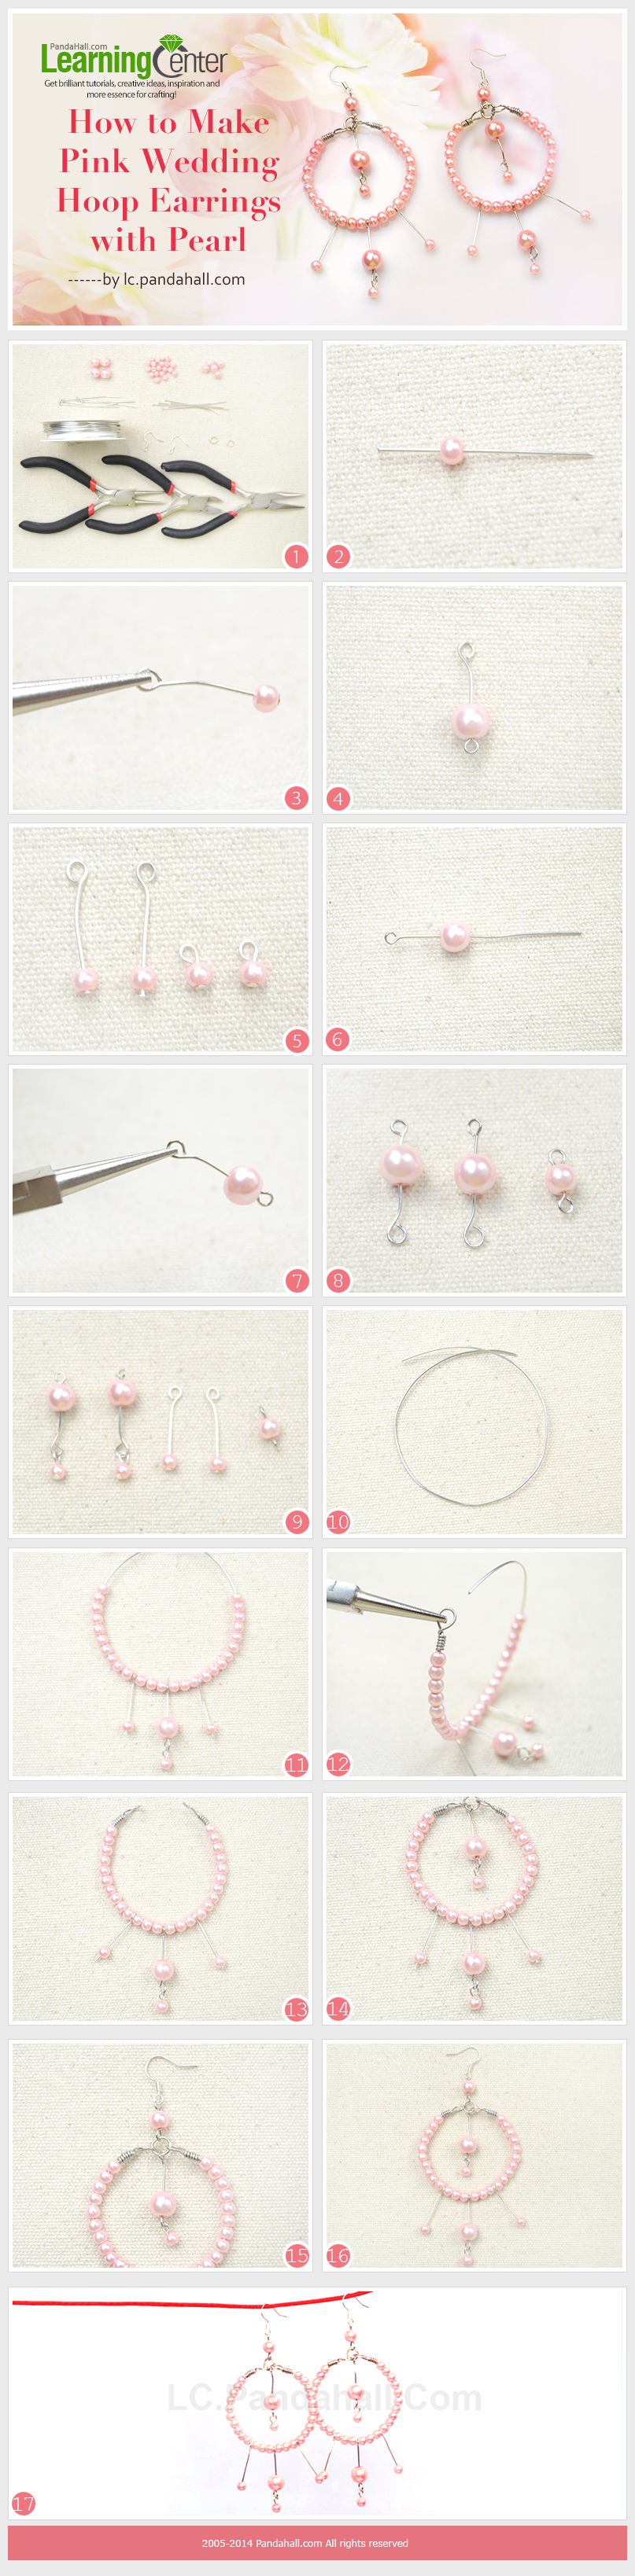 How to Make Pink Wedding Hoop Earrings with Pearl